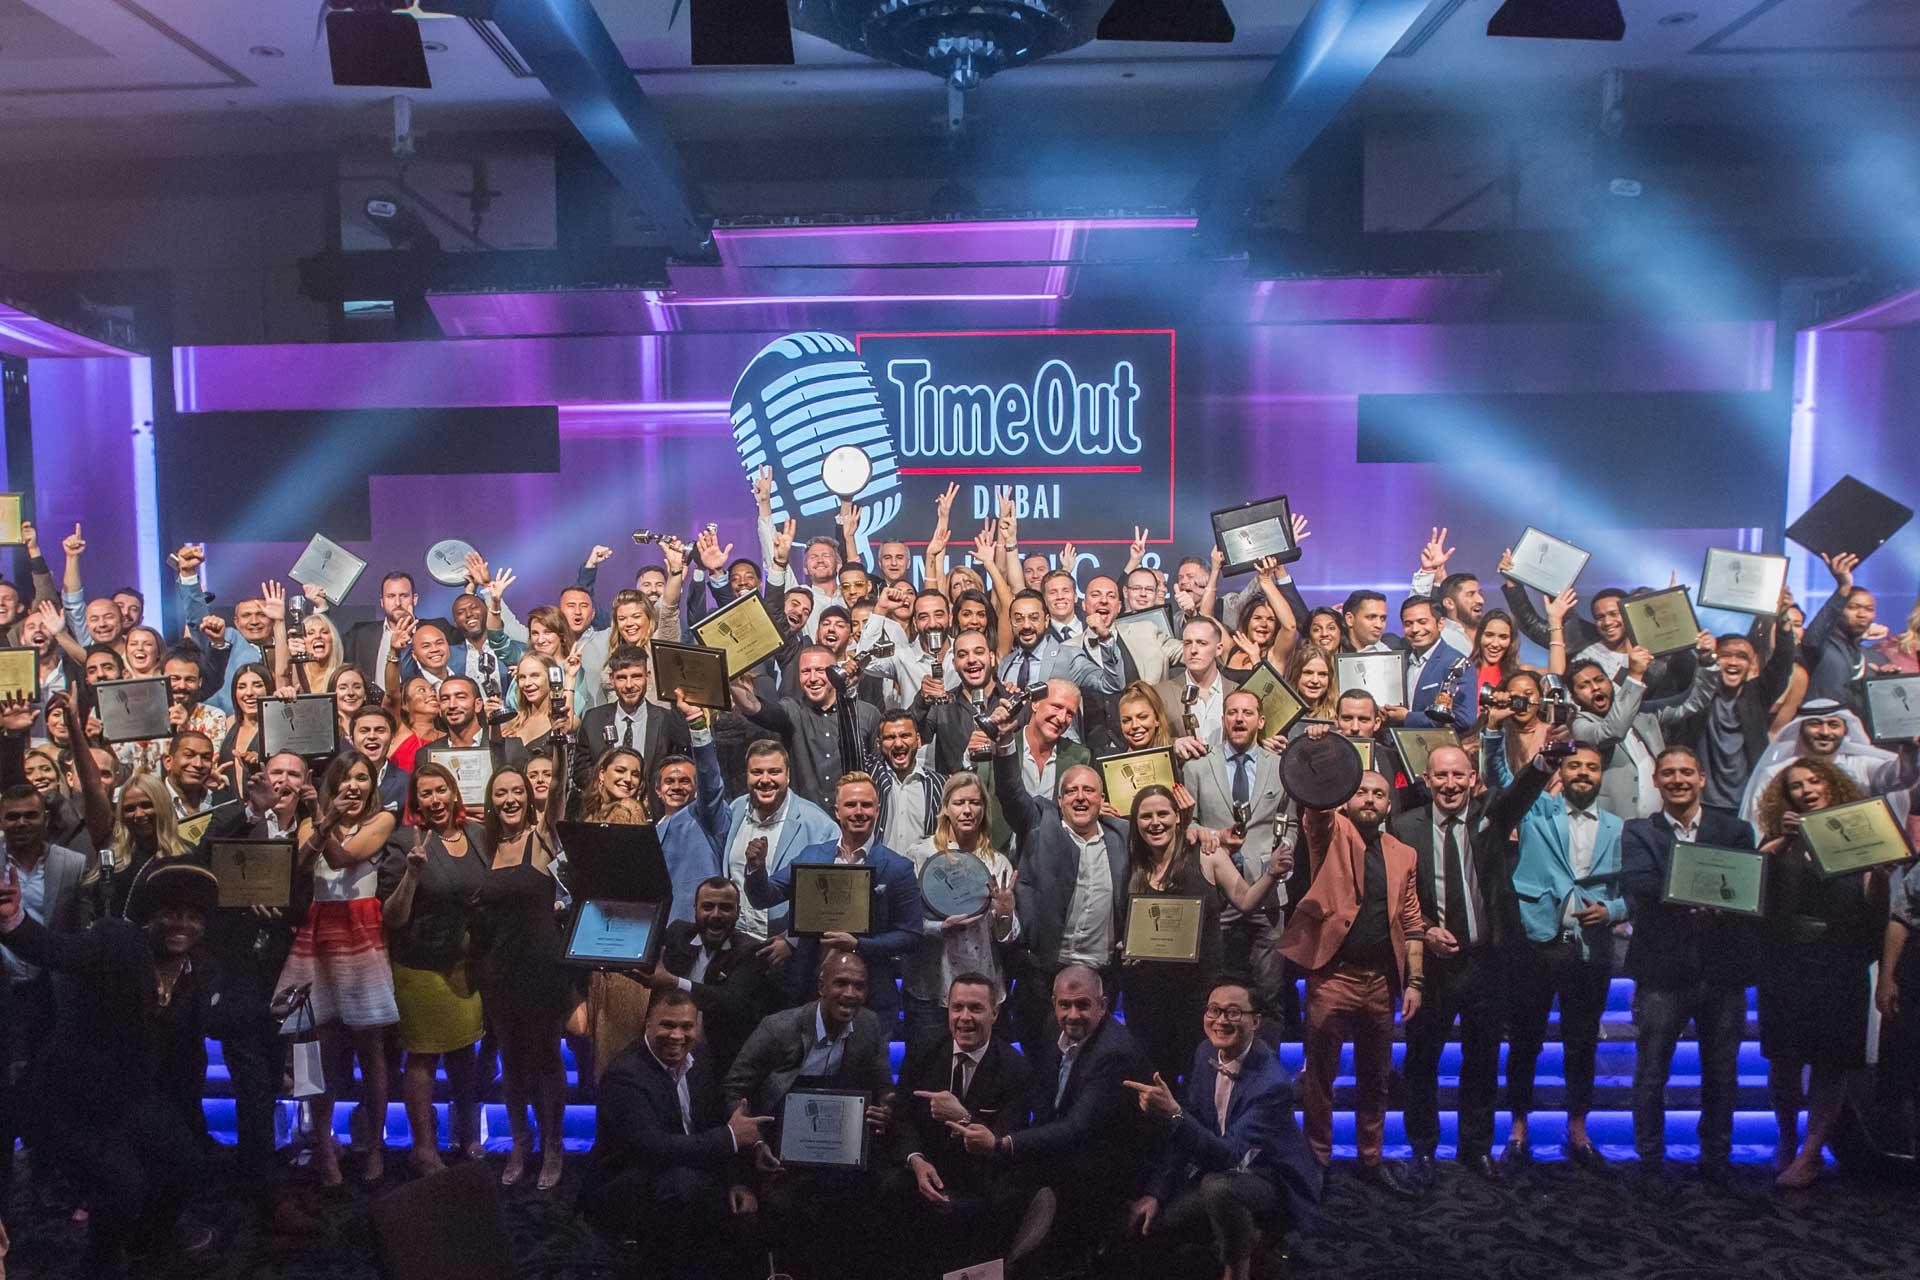 Time Out Dubai Music & Nightlife Awards 2019: Winners and Highly Commended  | Music & Nightlife Awards 2020 | Time Out Dubai